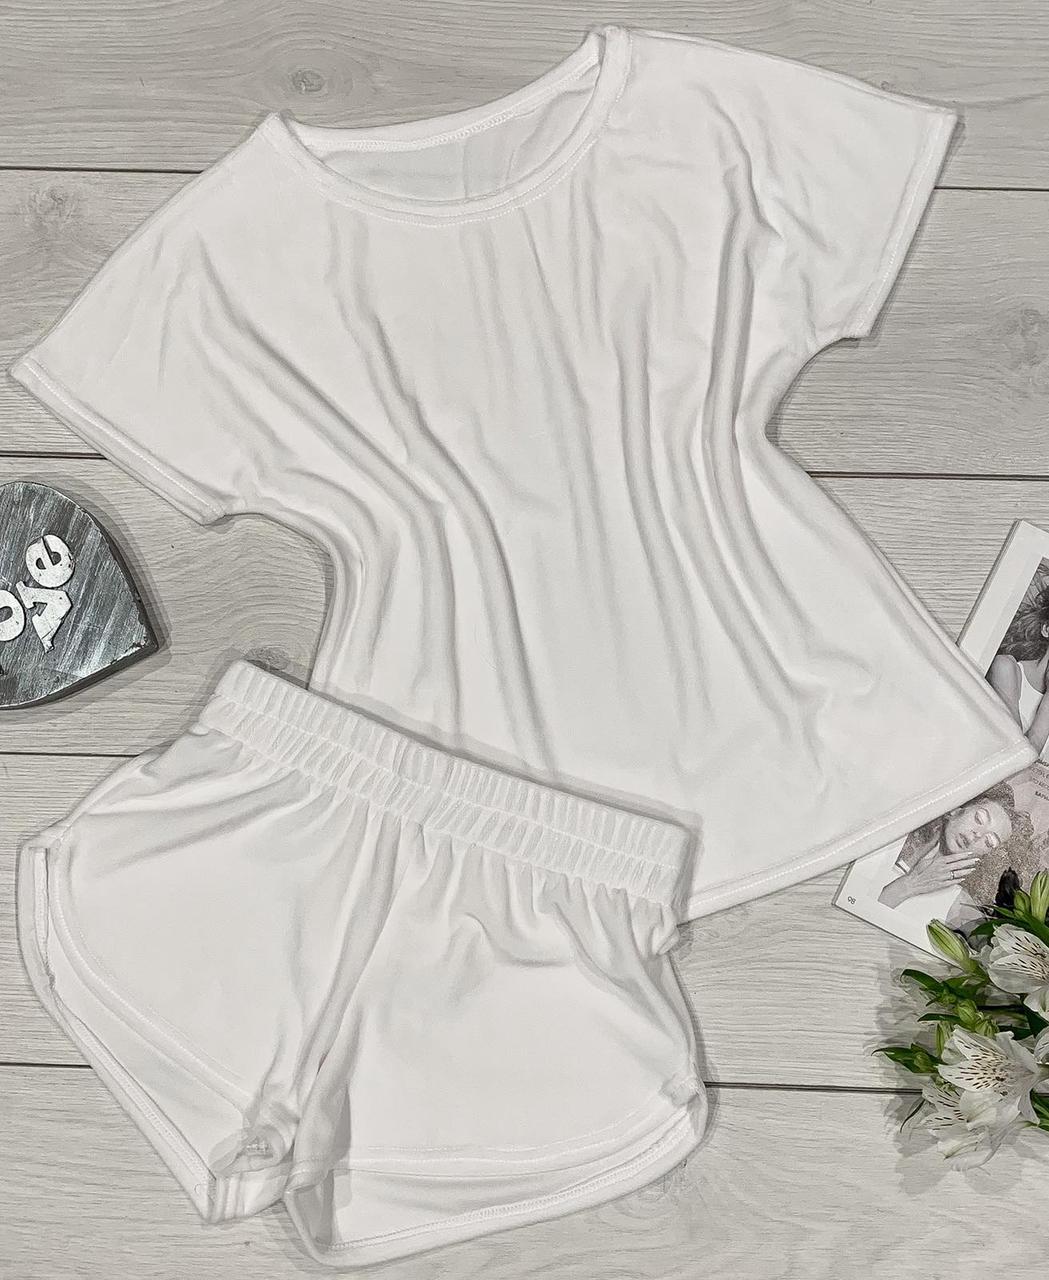 Білий комфортний одяг для дому та відпочинку Вільна футболка + шорти..